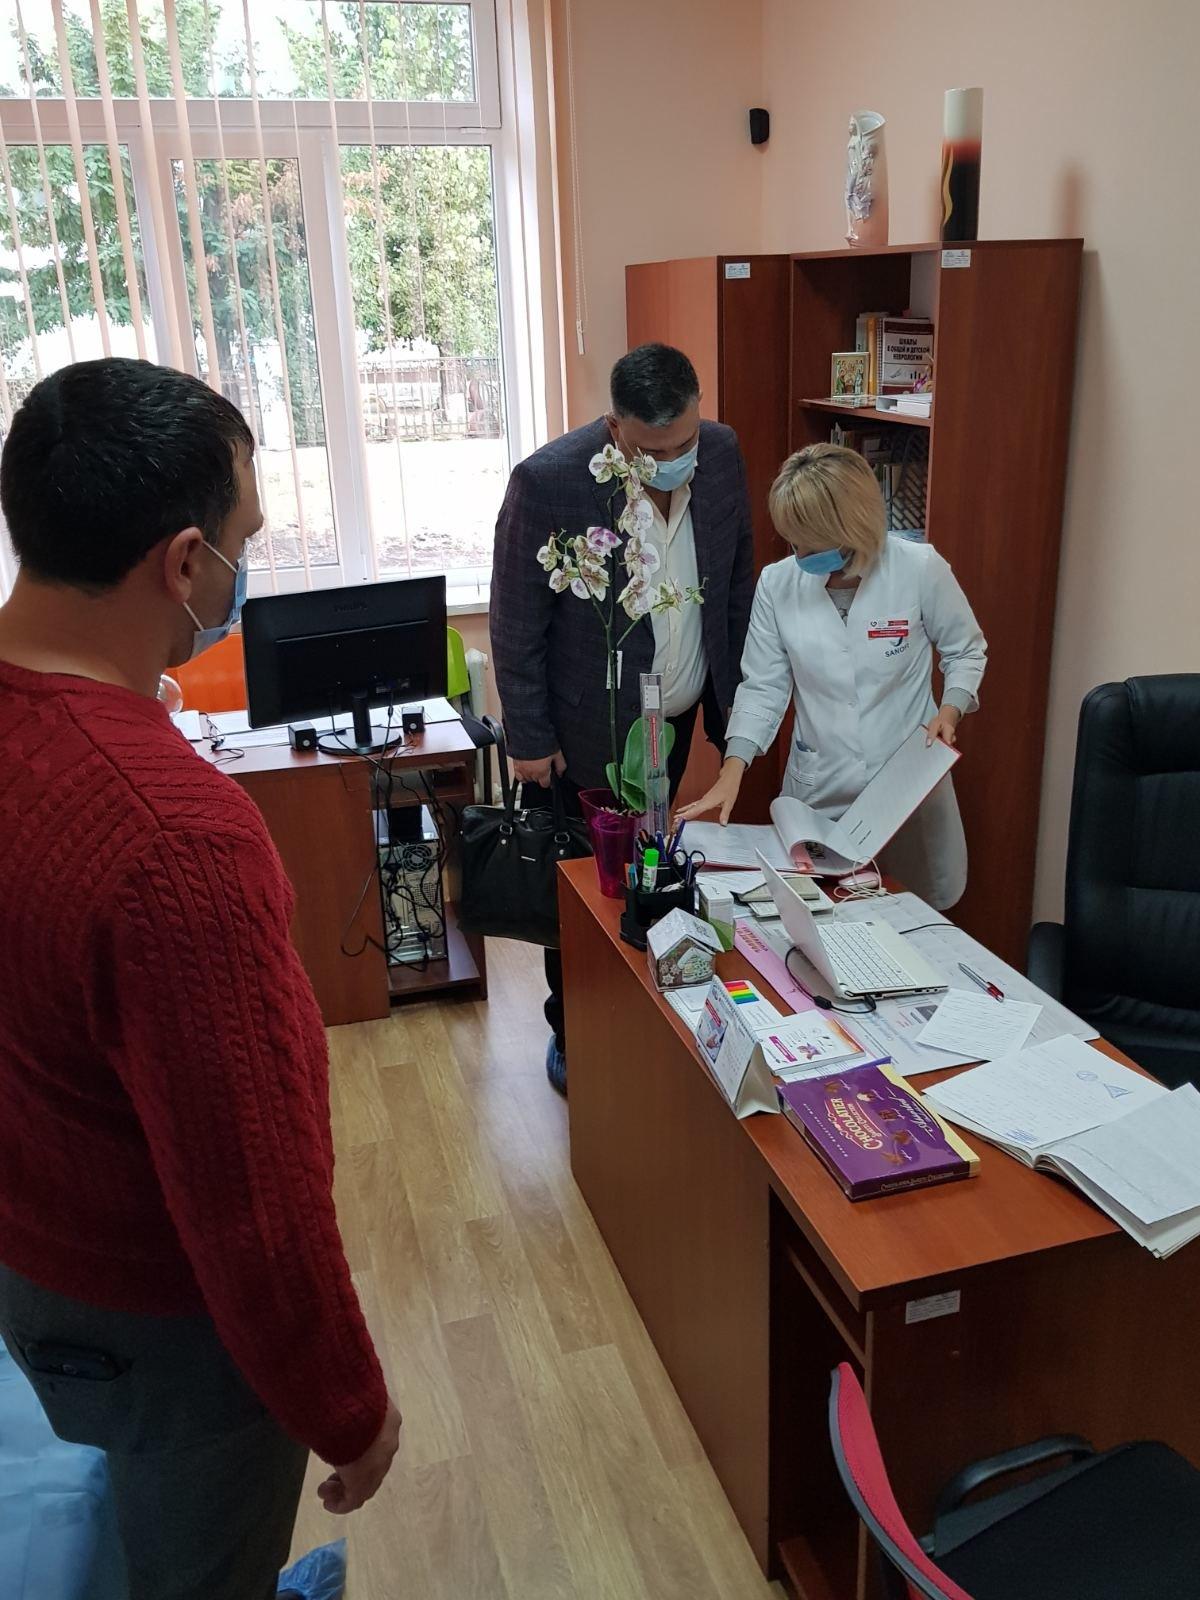 Бердянский центр реабилитации передает опыт коллегам из Энергодара, фото-5